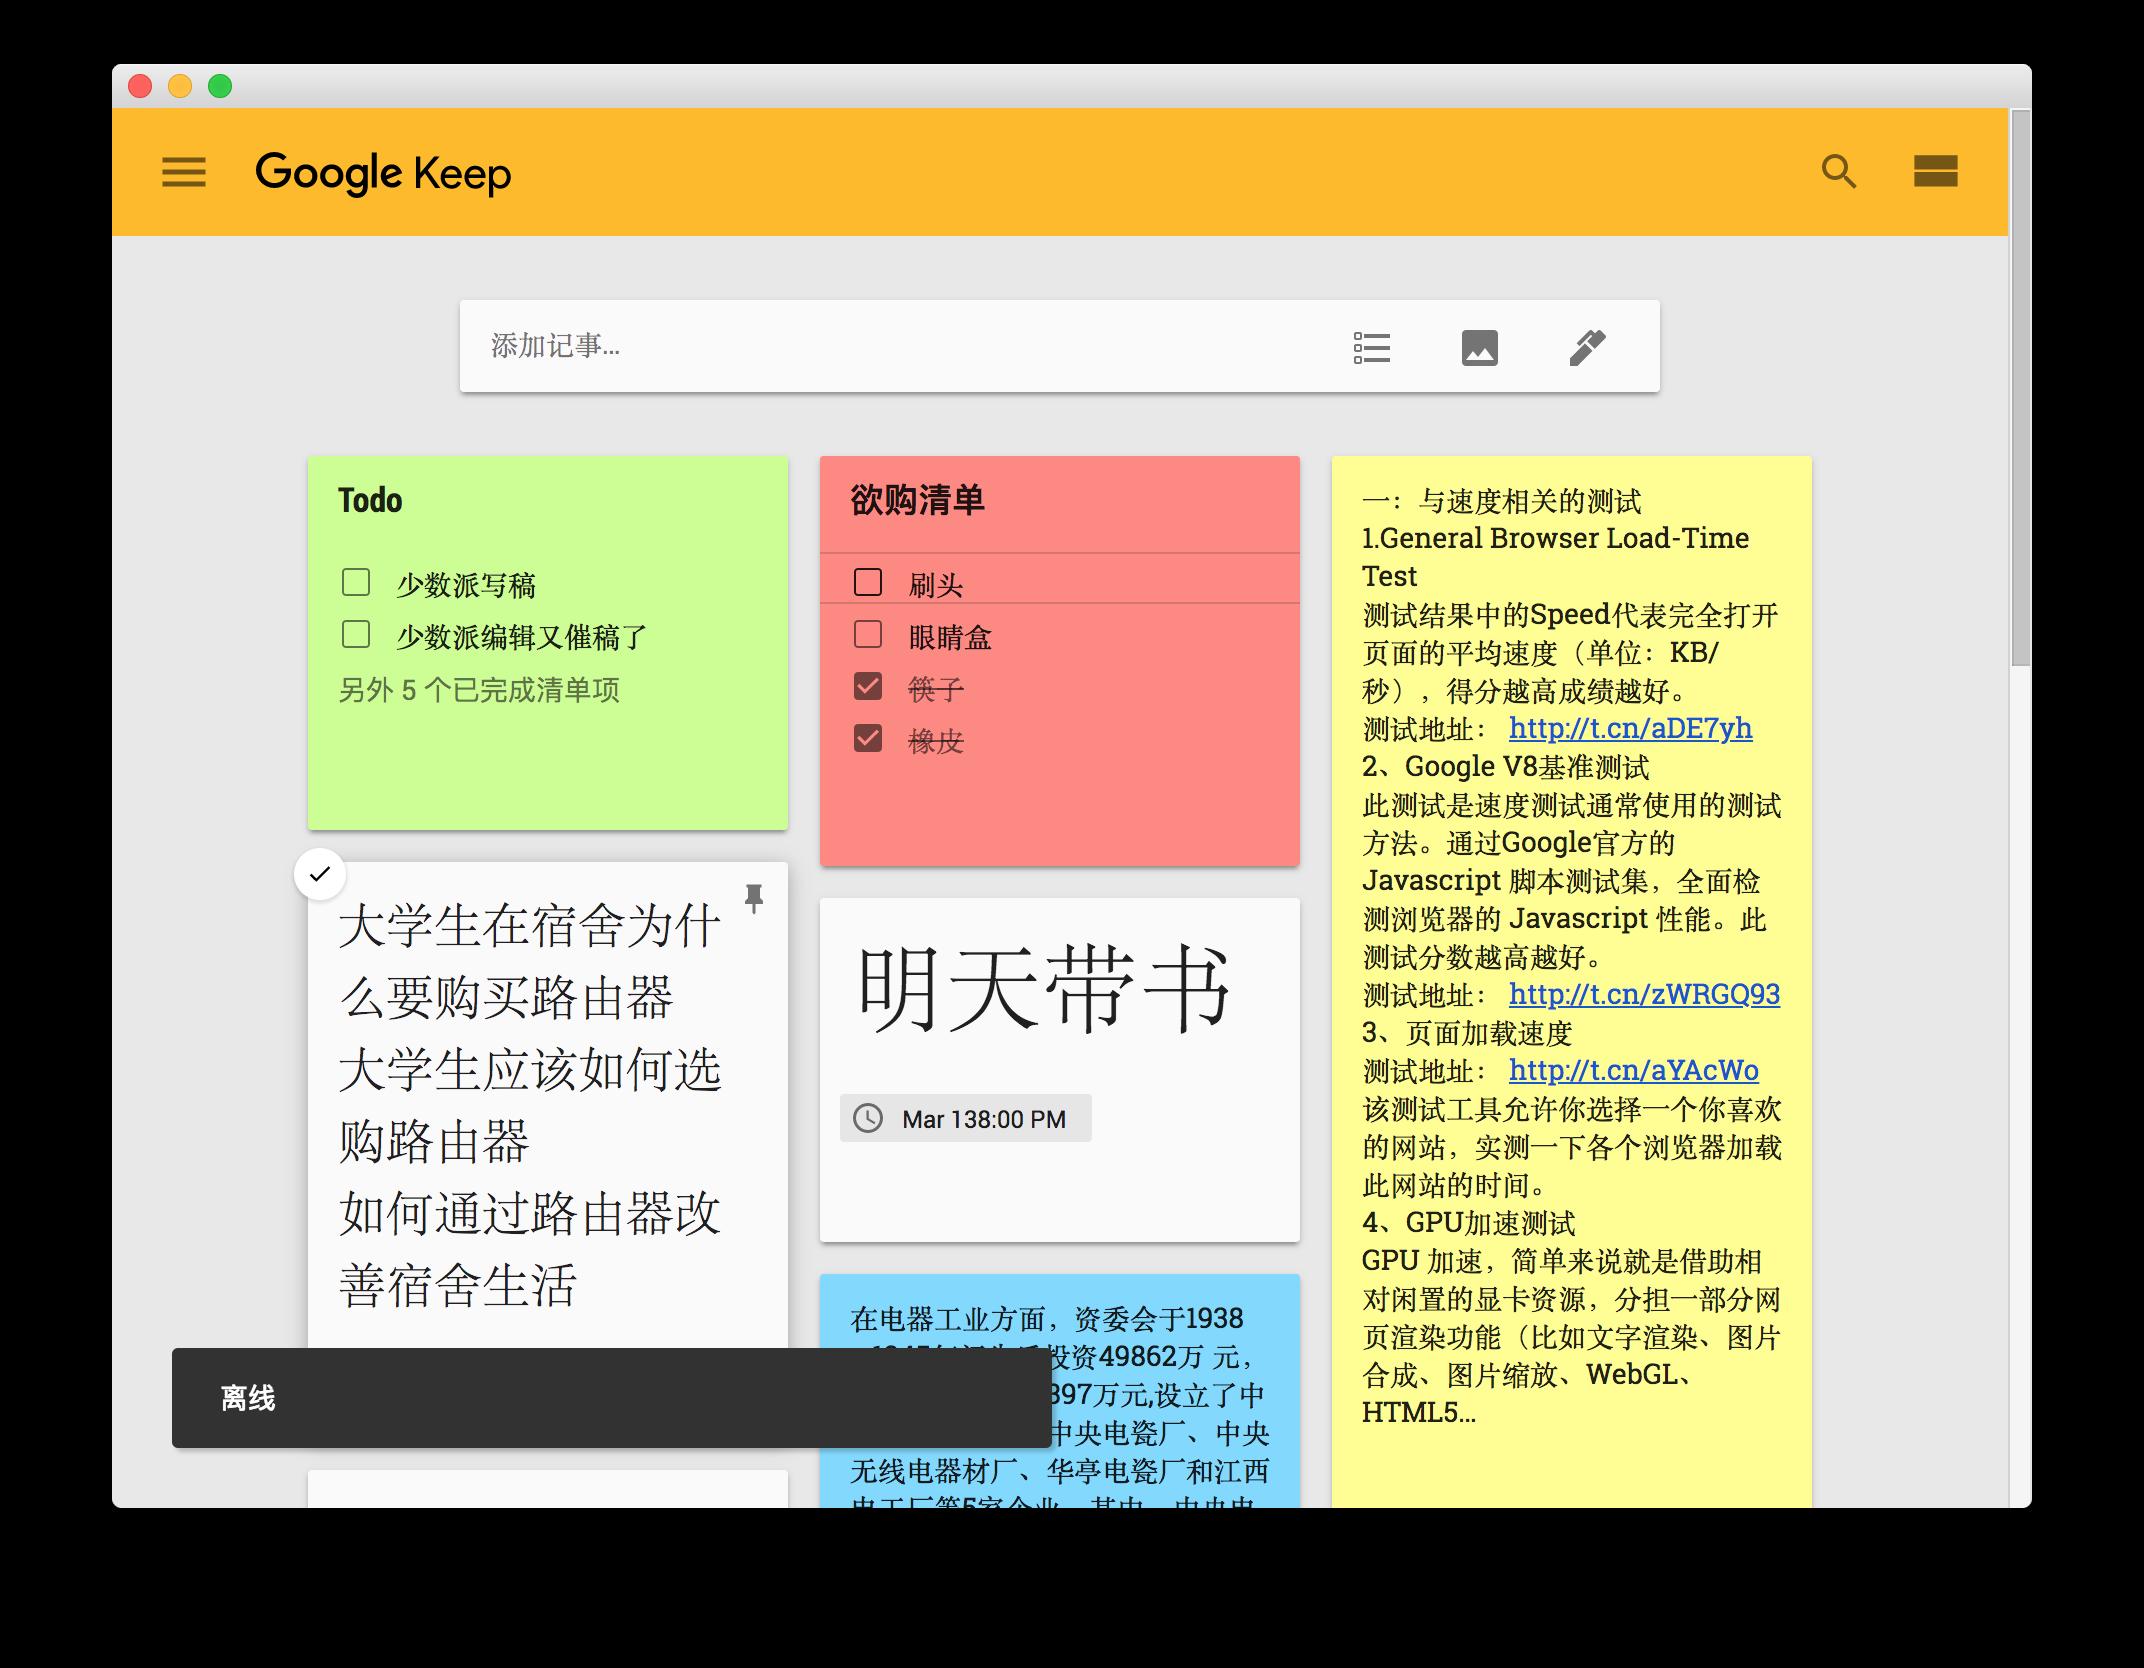 Chrome 版 Google Keep